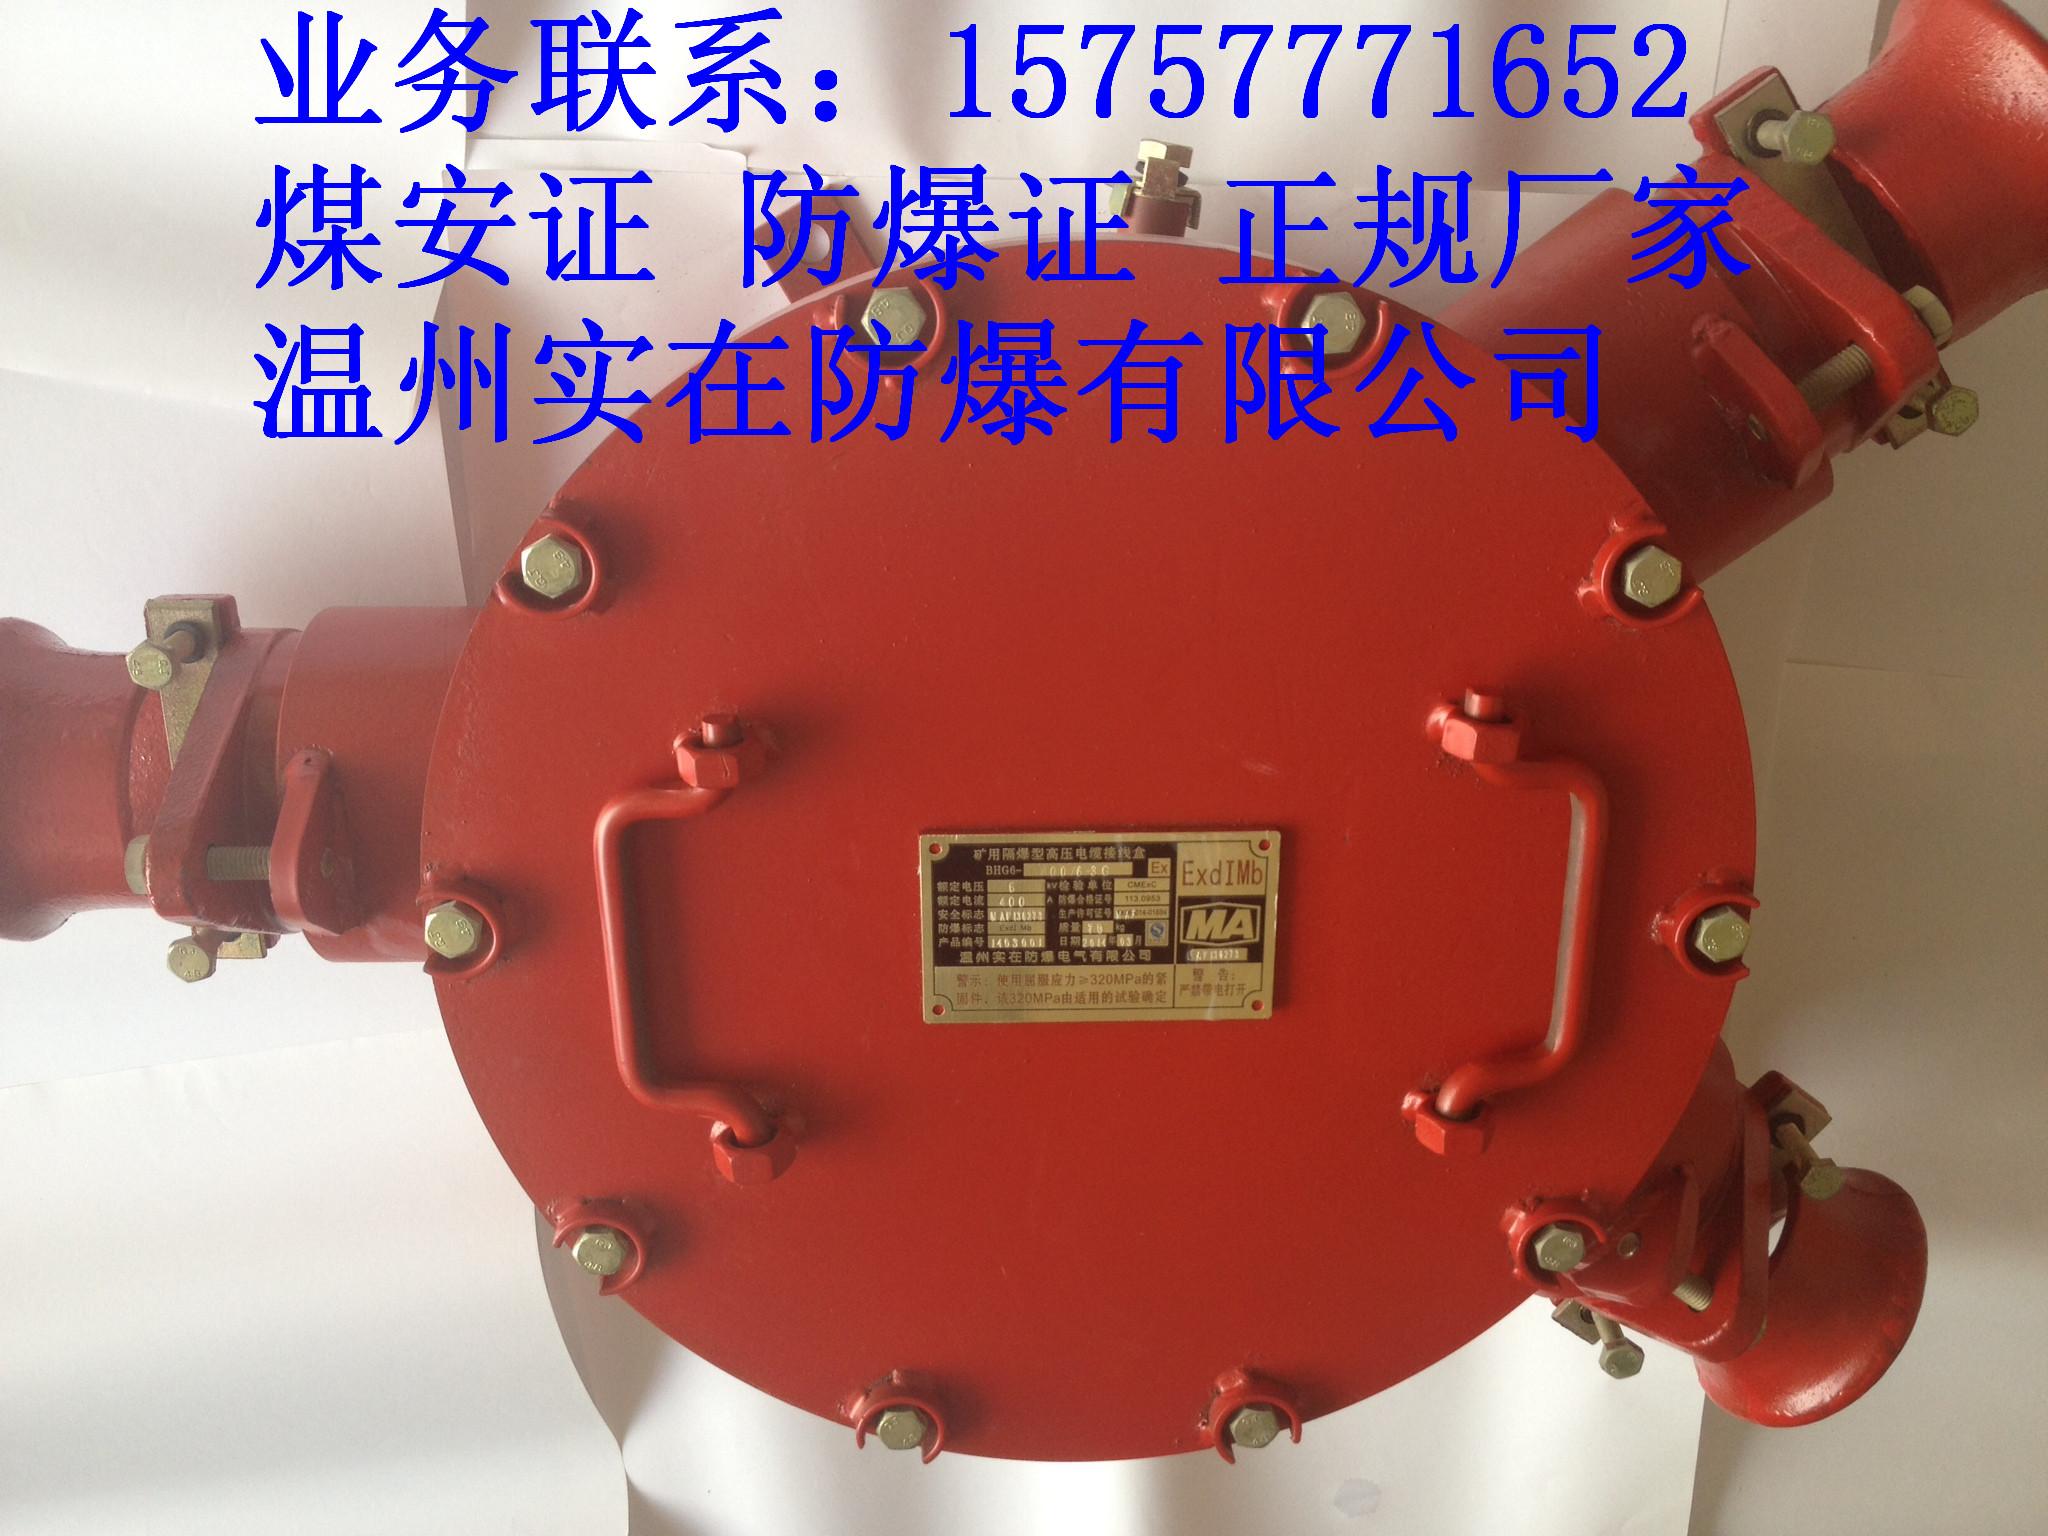 高压接线盒图片|高压接线盒样板图|高压接线盒效果图